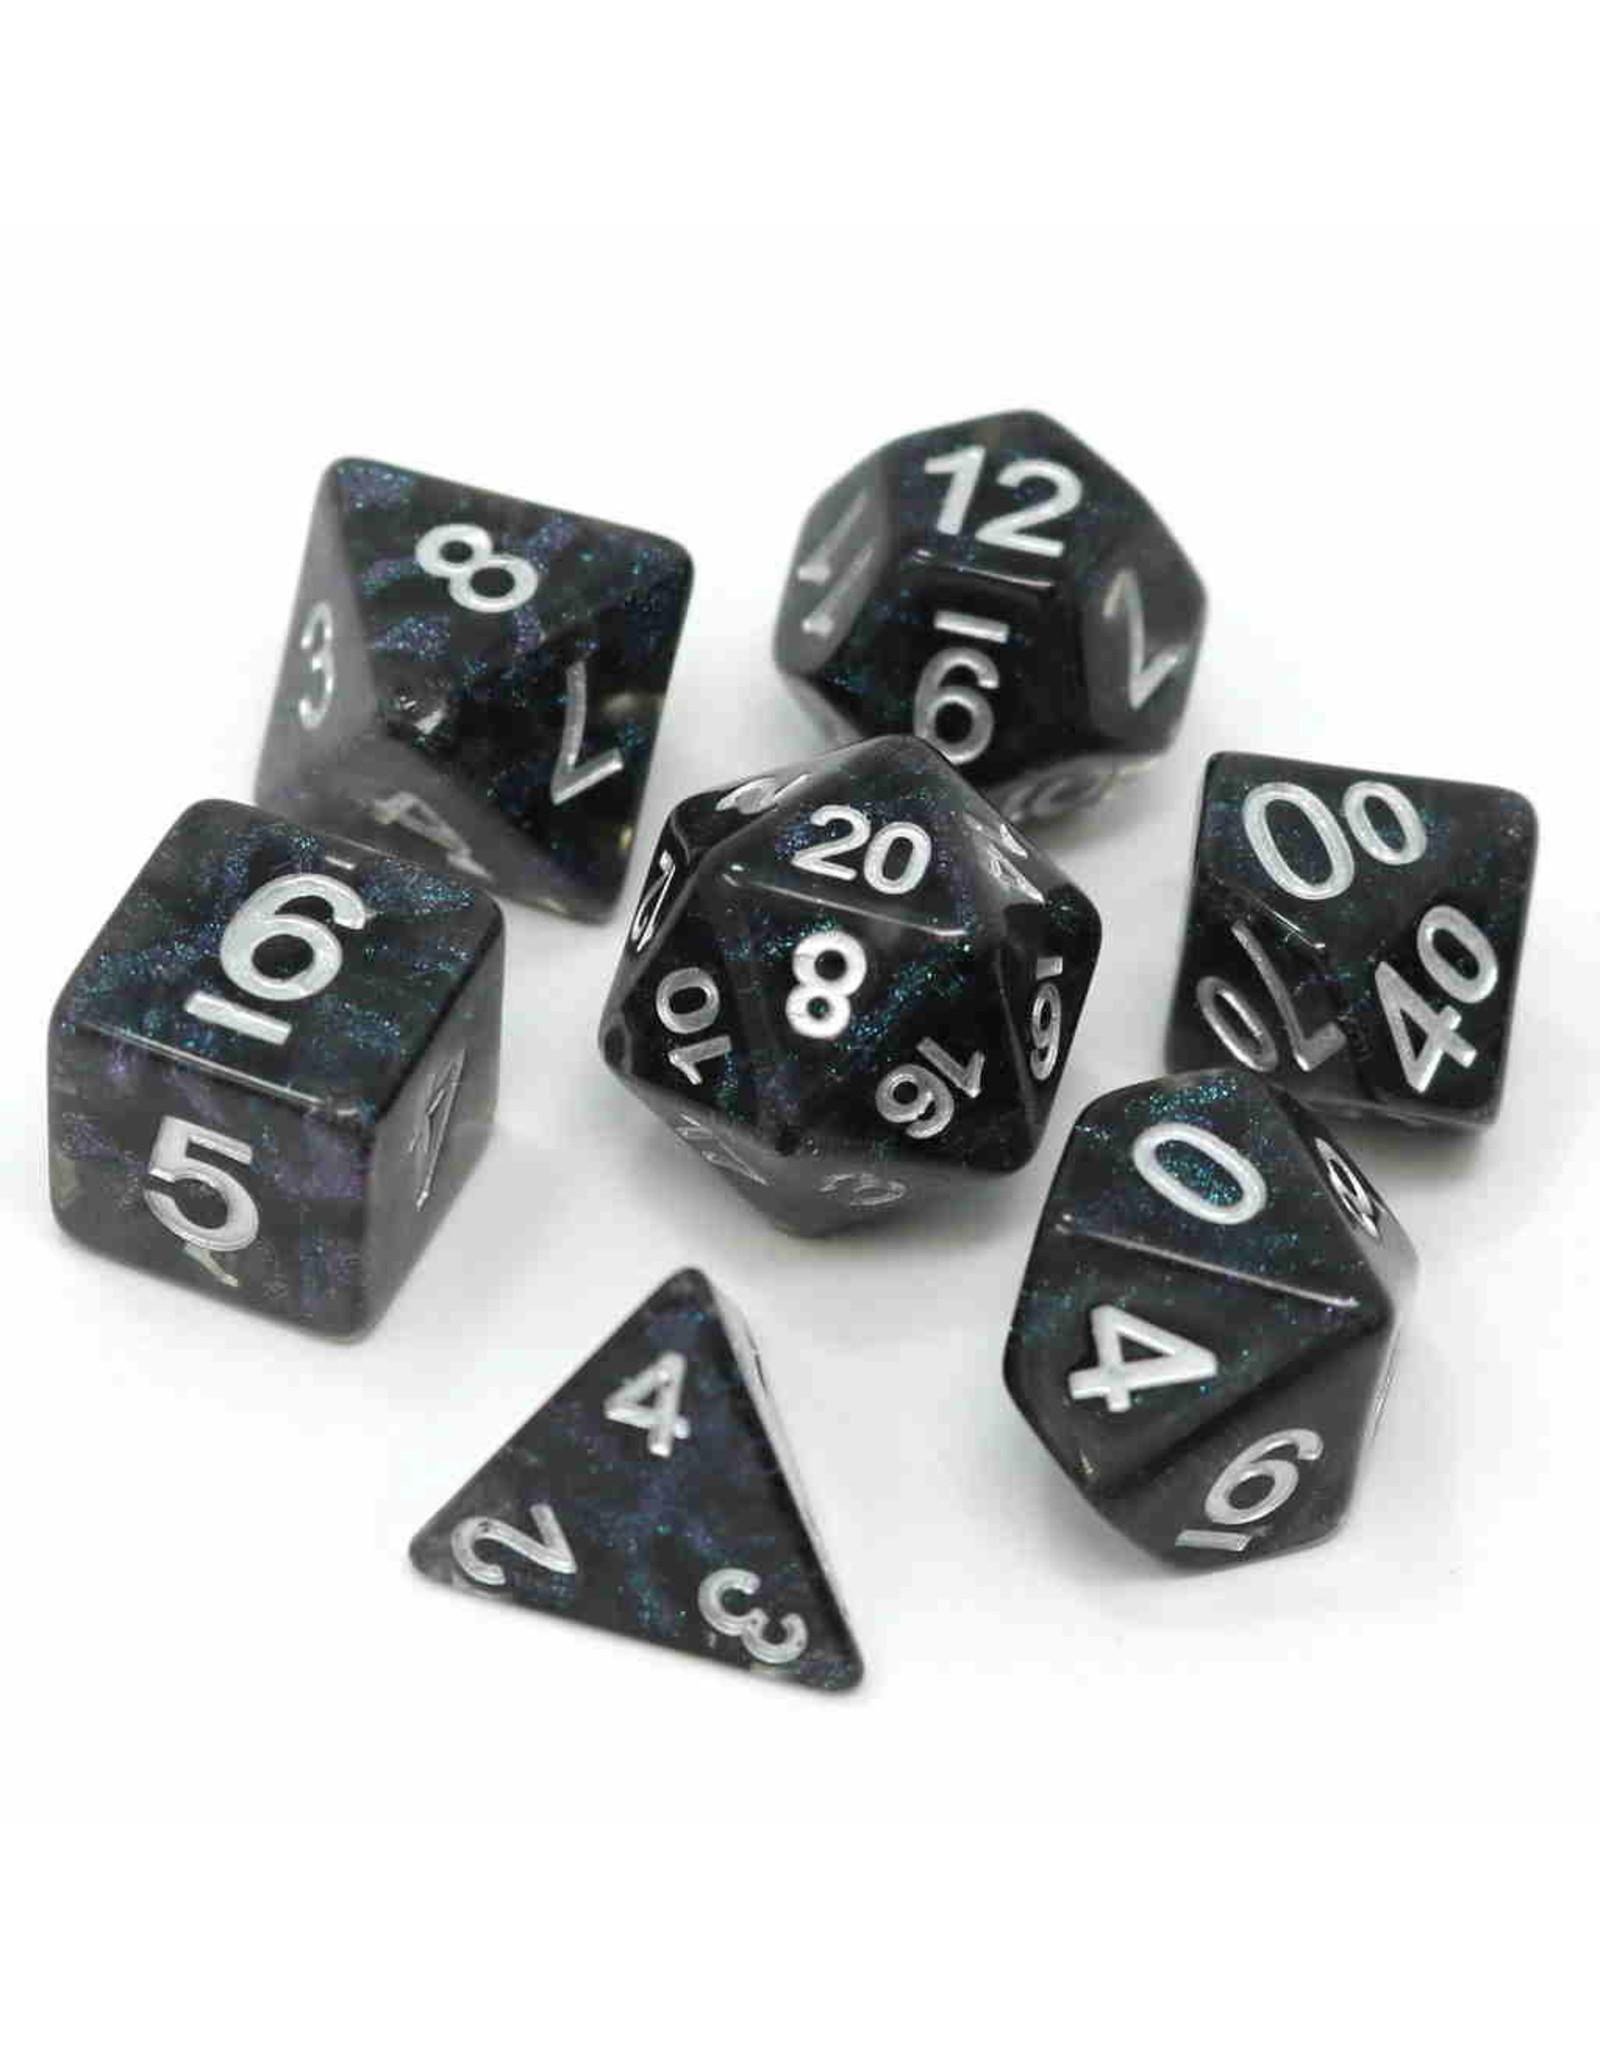 DIE HARD DICE DIE HARD DICE 7 CT RPG DICE SET VOID CRYSTAL